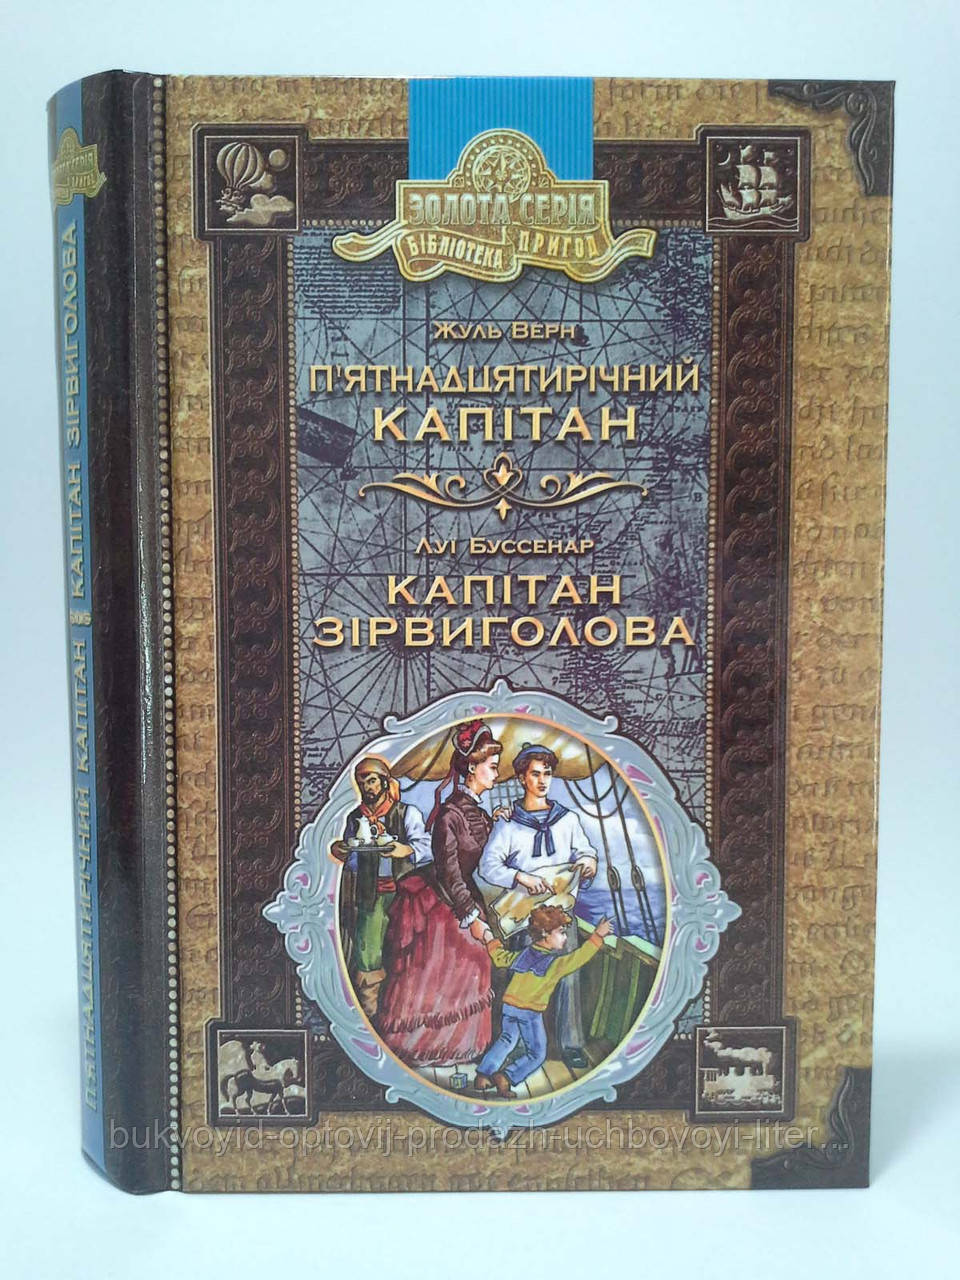 Бібліотека пригод Верн Пятнадцятирічний капітан Буссенар Капітан Зірвиголова